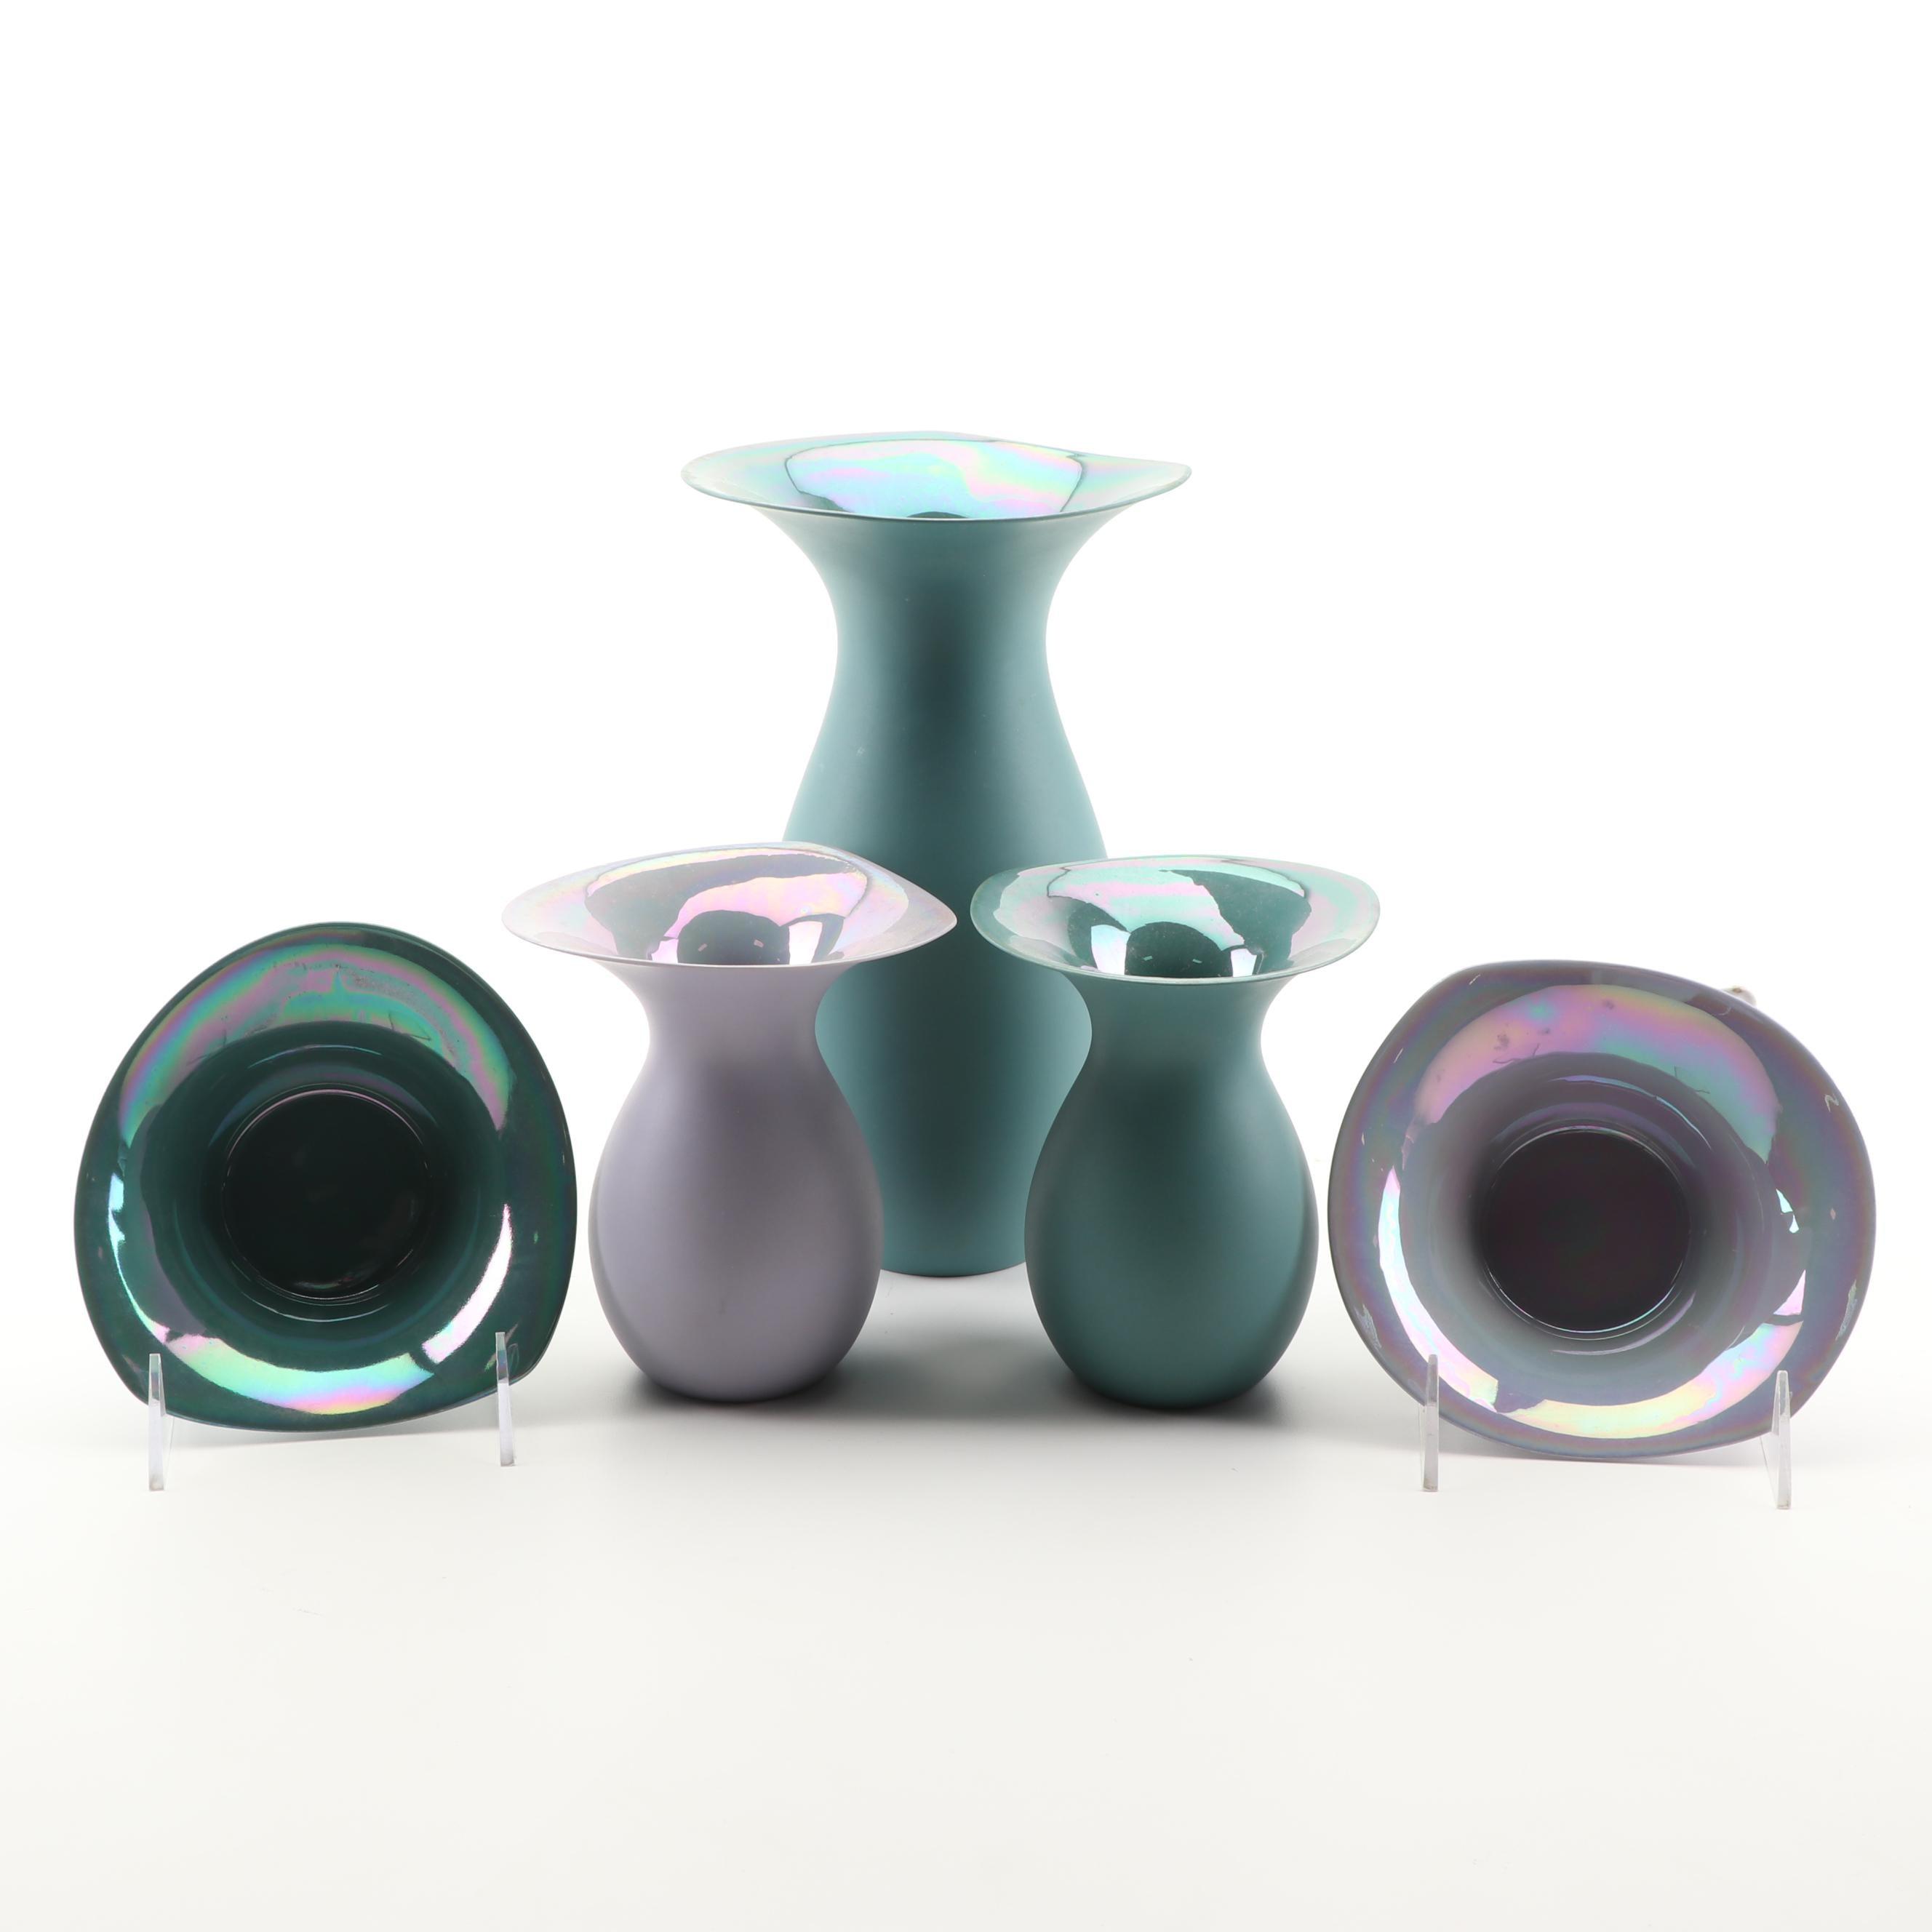 Kathleen Ryall Porcelain Vases and Bowls, 21st Century